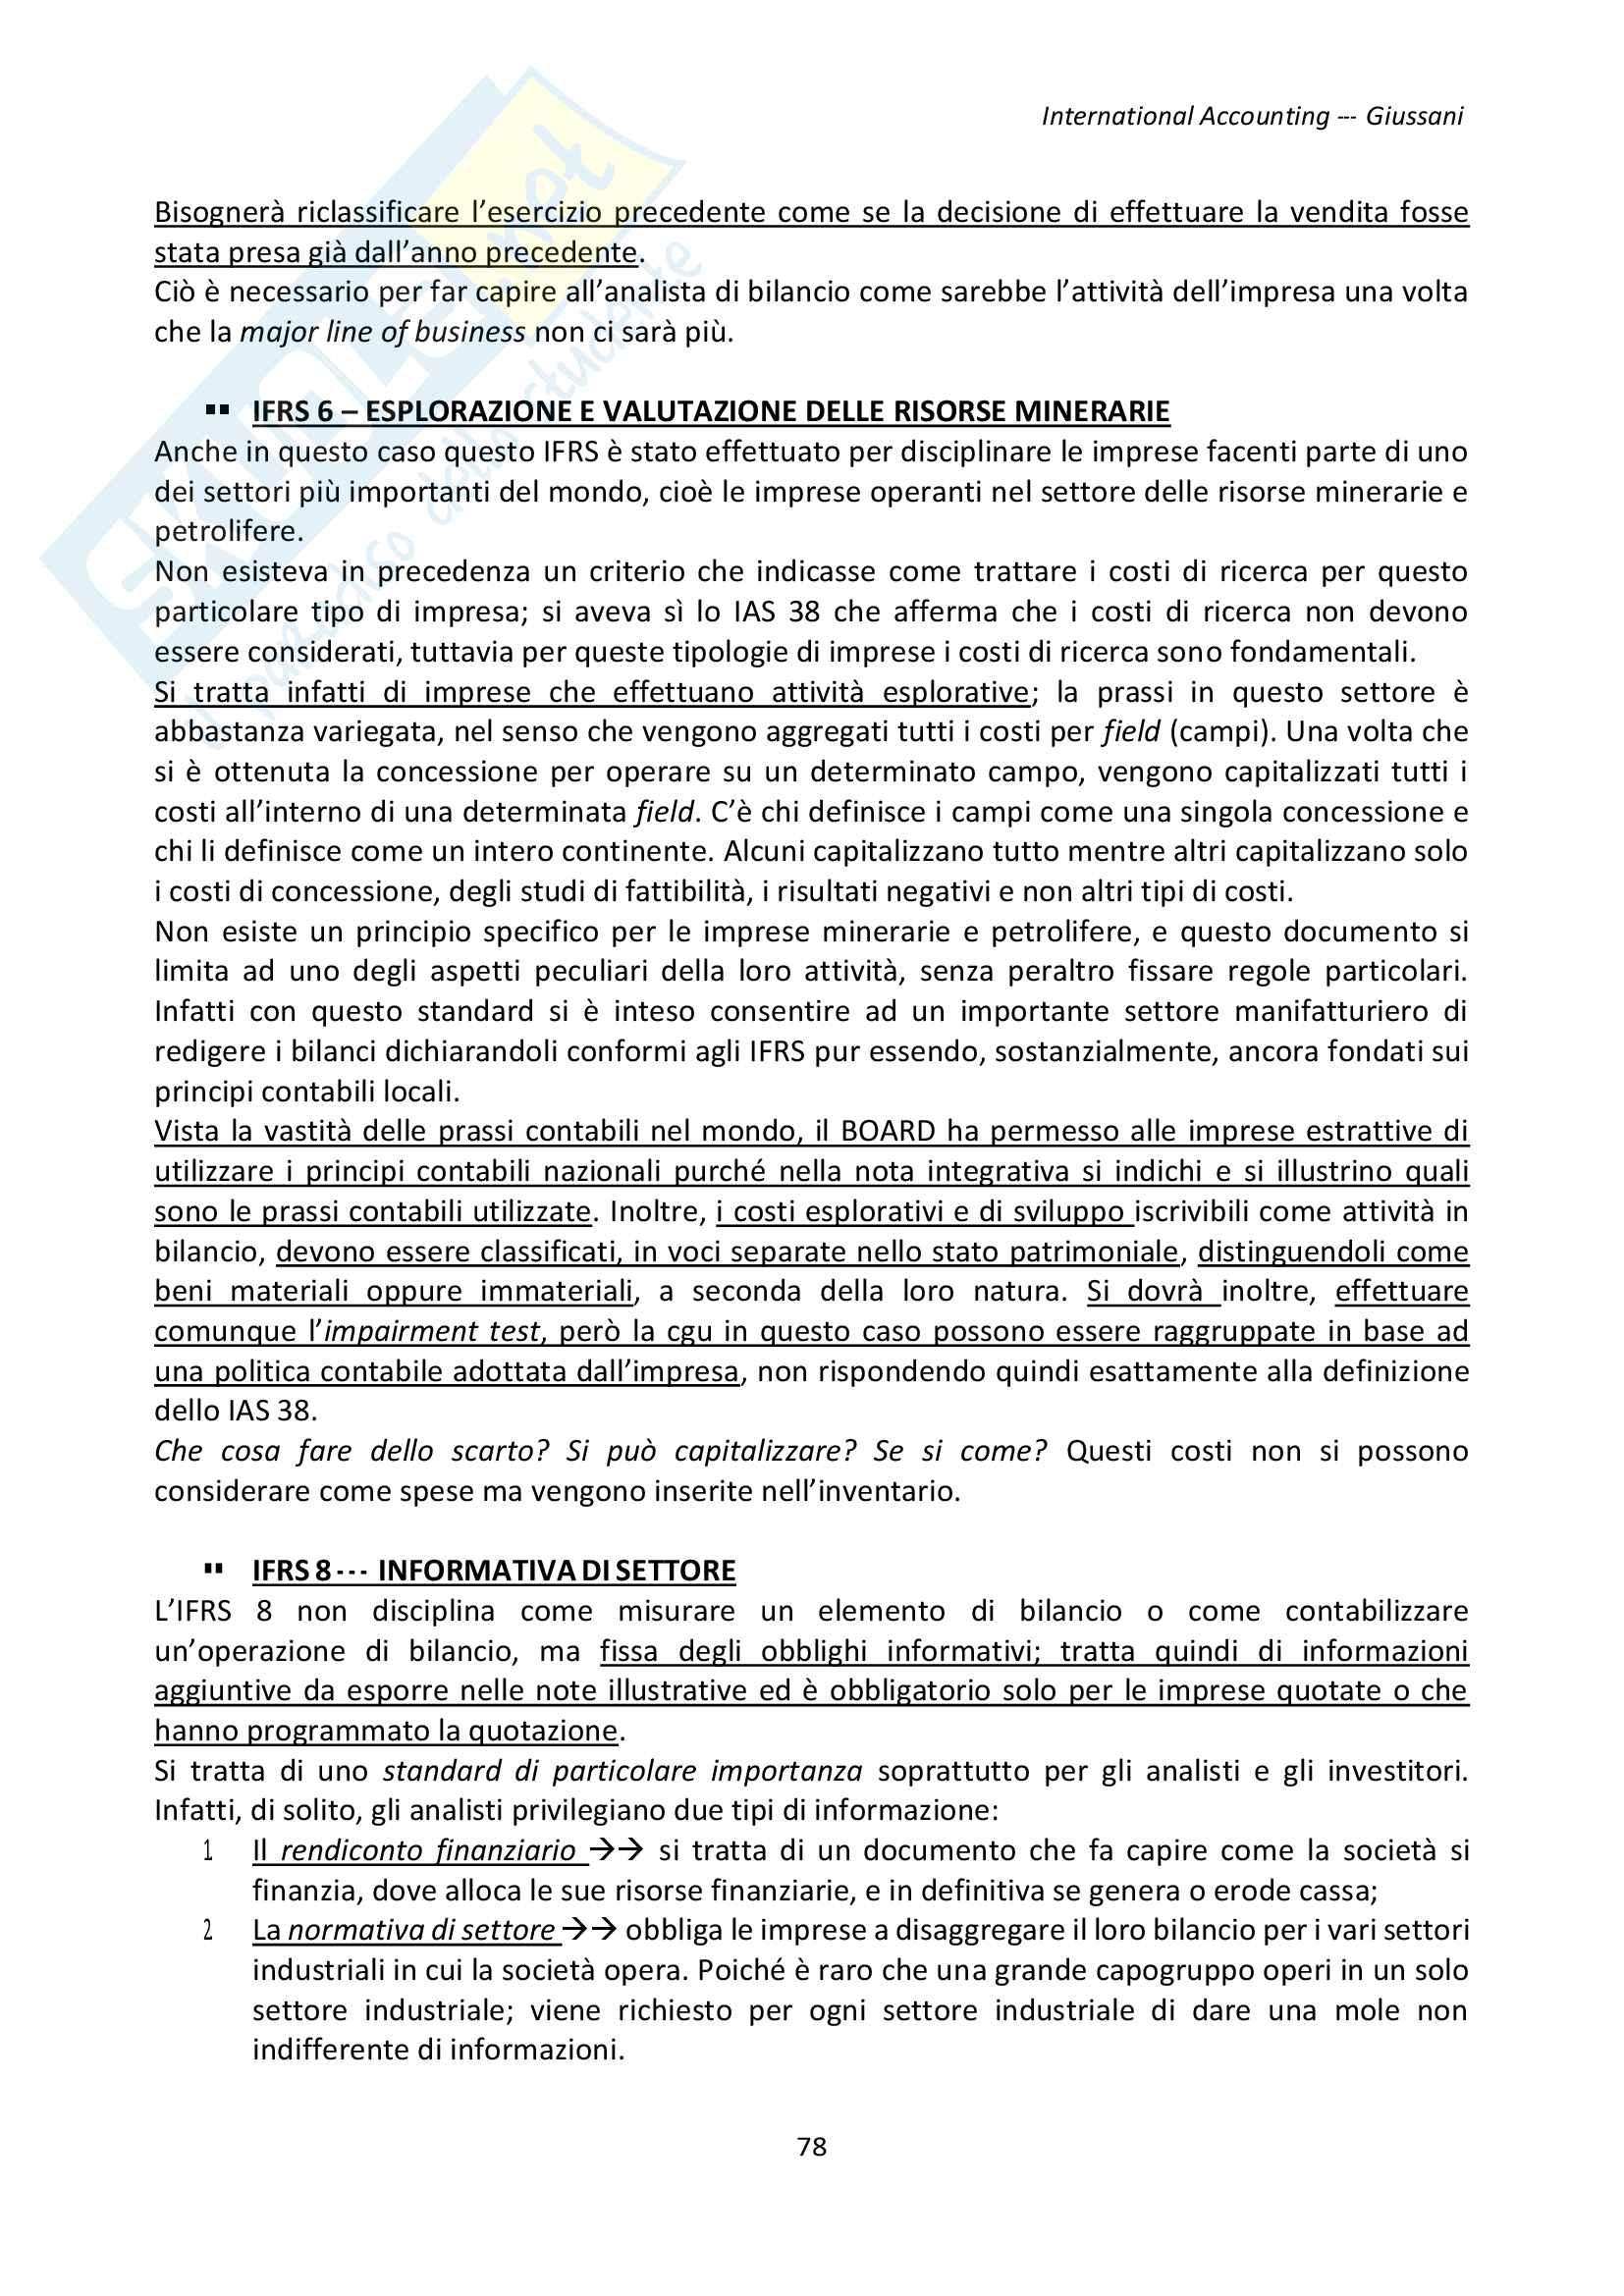 International Accounting Pag. 81